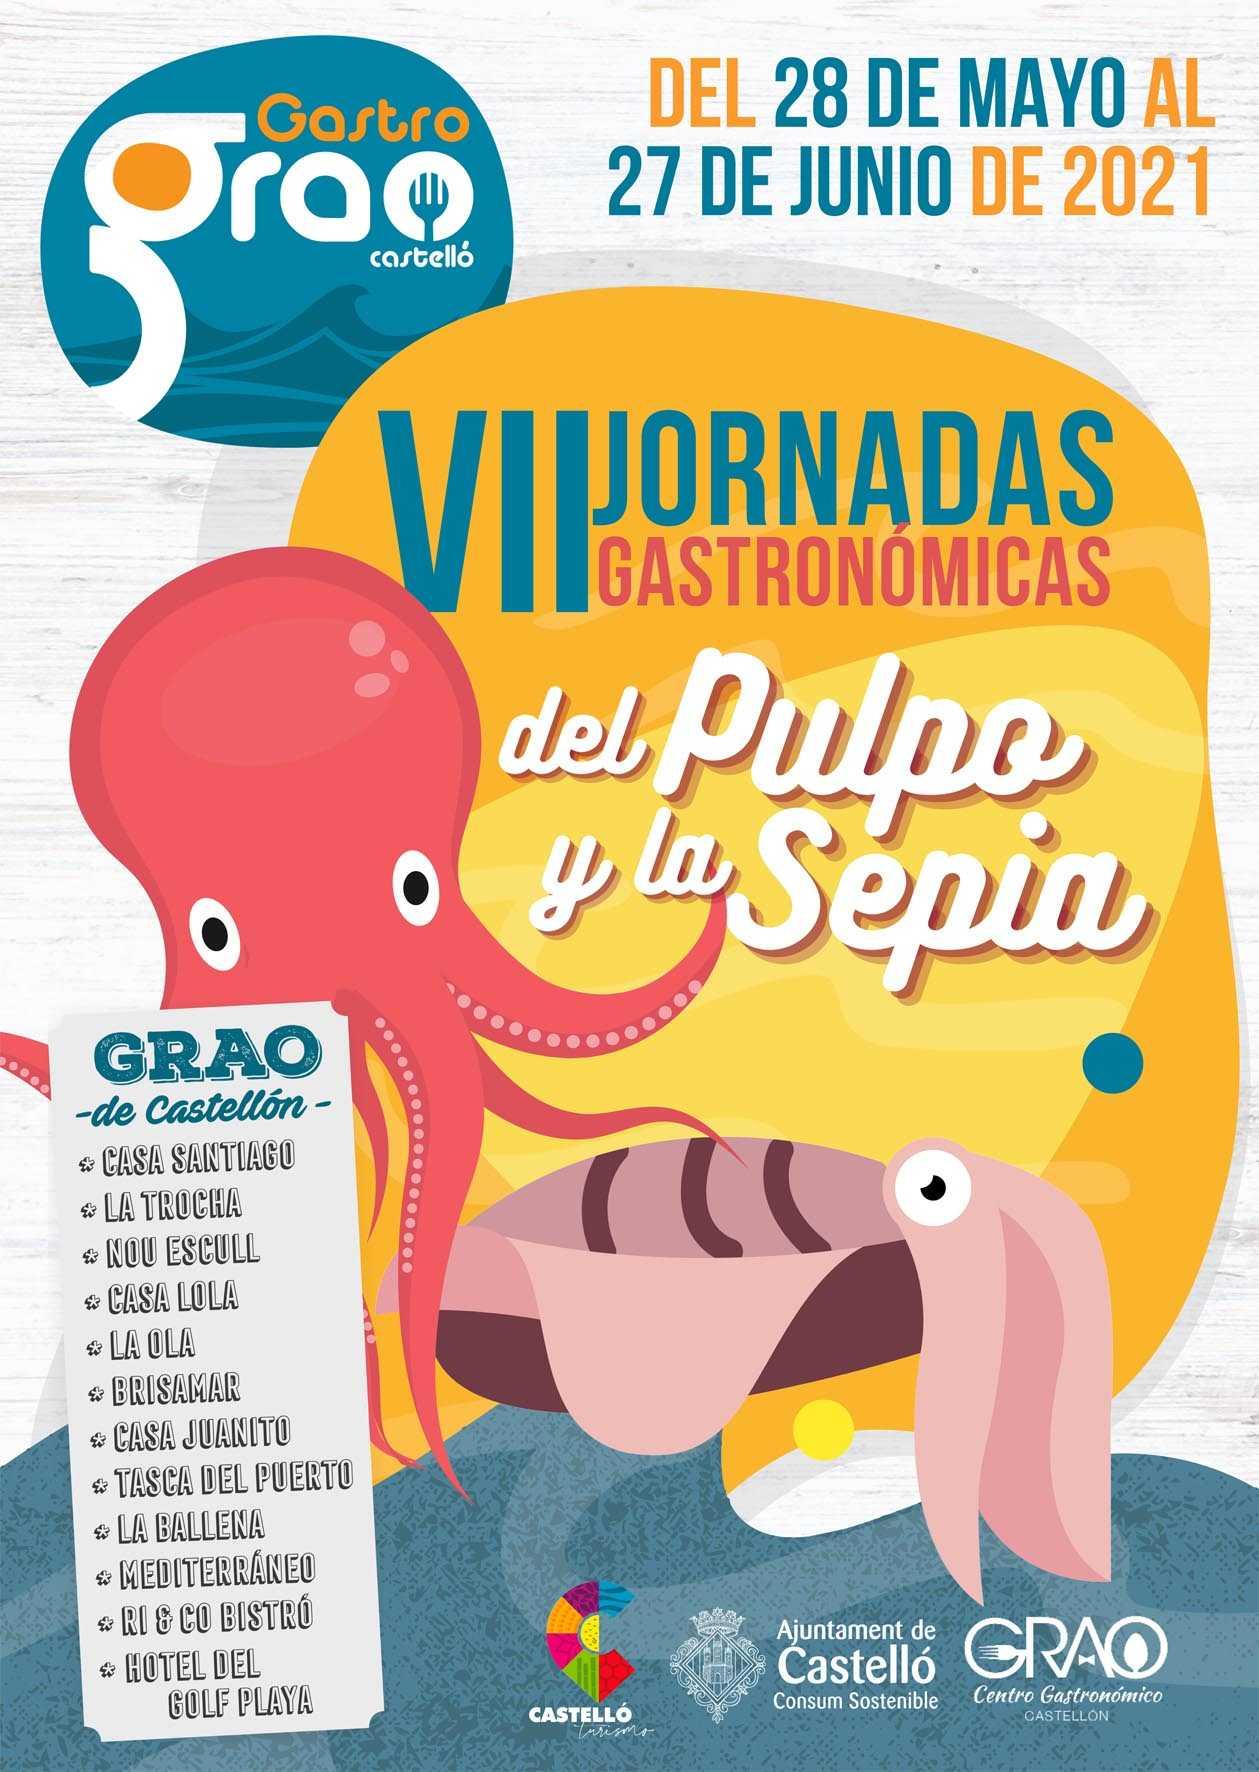 VII Jornadas Gastronómicas del Pulpo y la Sepia